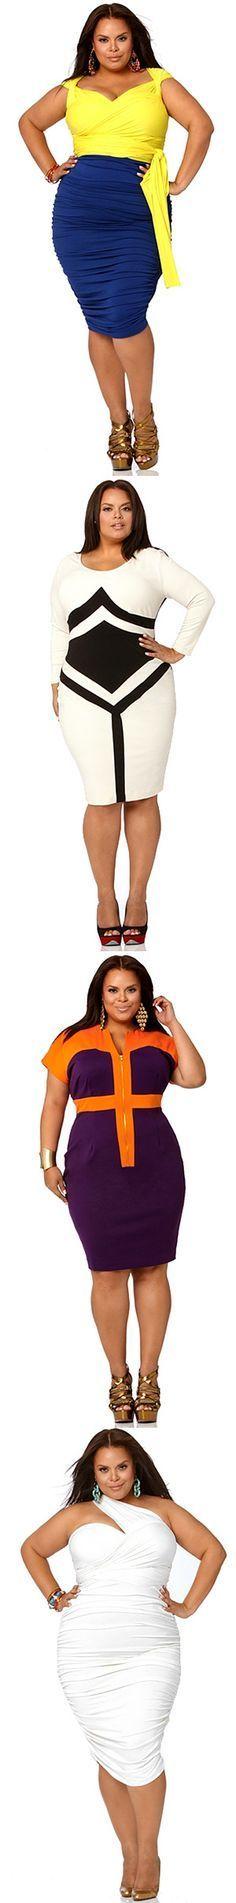 UNIQUE PLUS SIZE FASHION DRESSES #UNIQUE_WOMENS_FASHION http://stores.ebay.com/VibeUrbanClothing